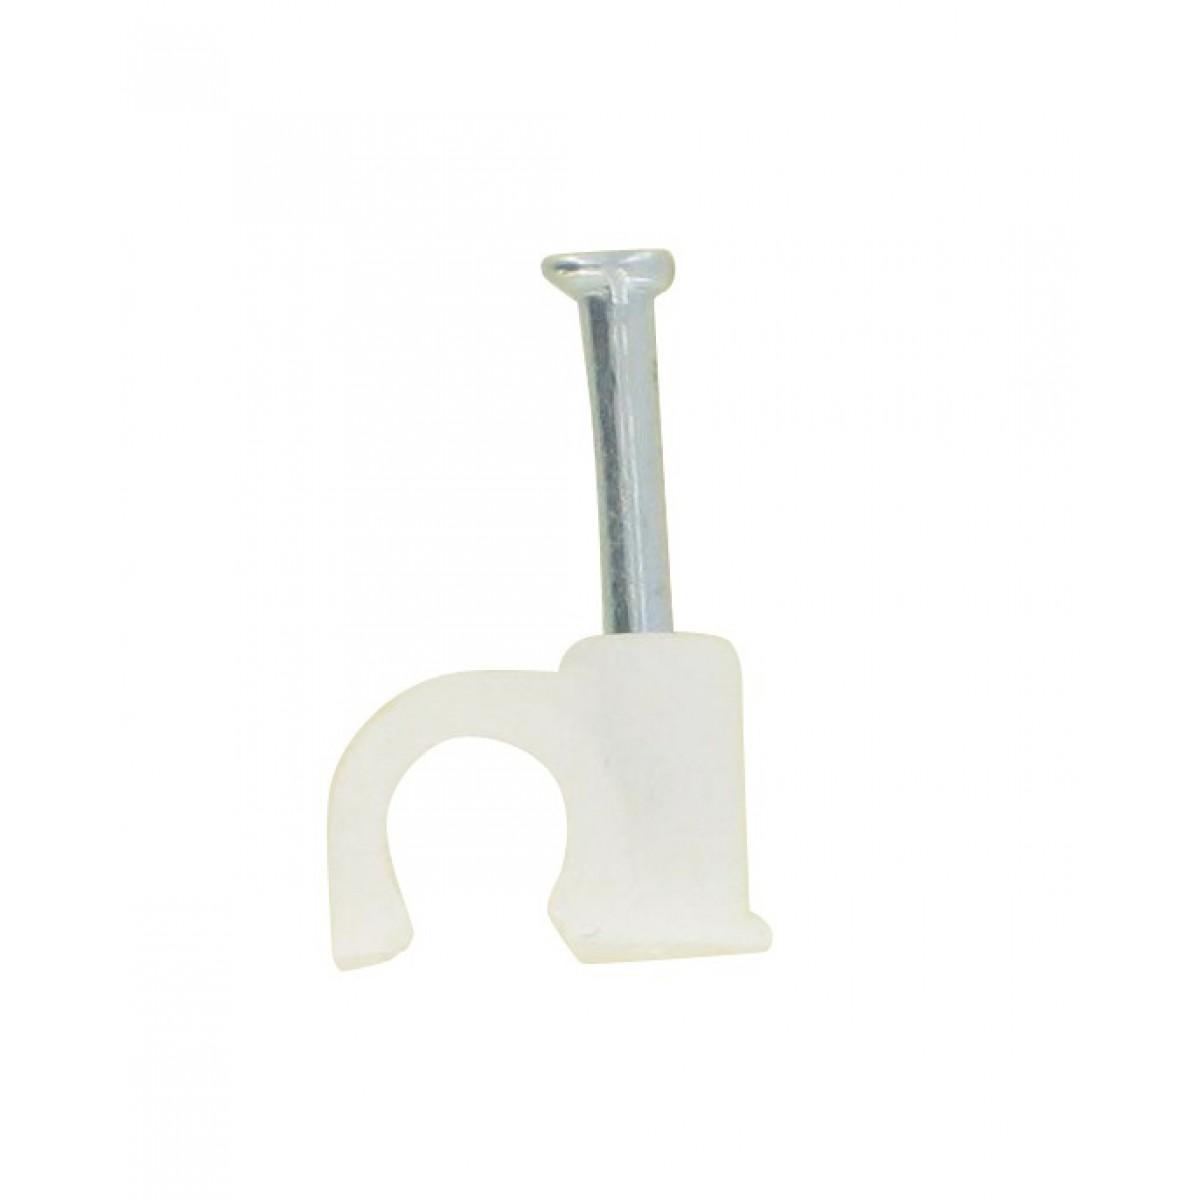 Pontet rigide blanc Dhome - Diamètre 14 mm - Vendu par 20